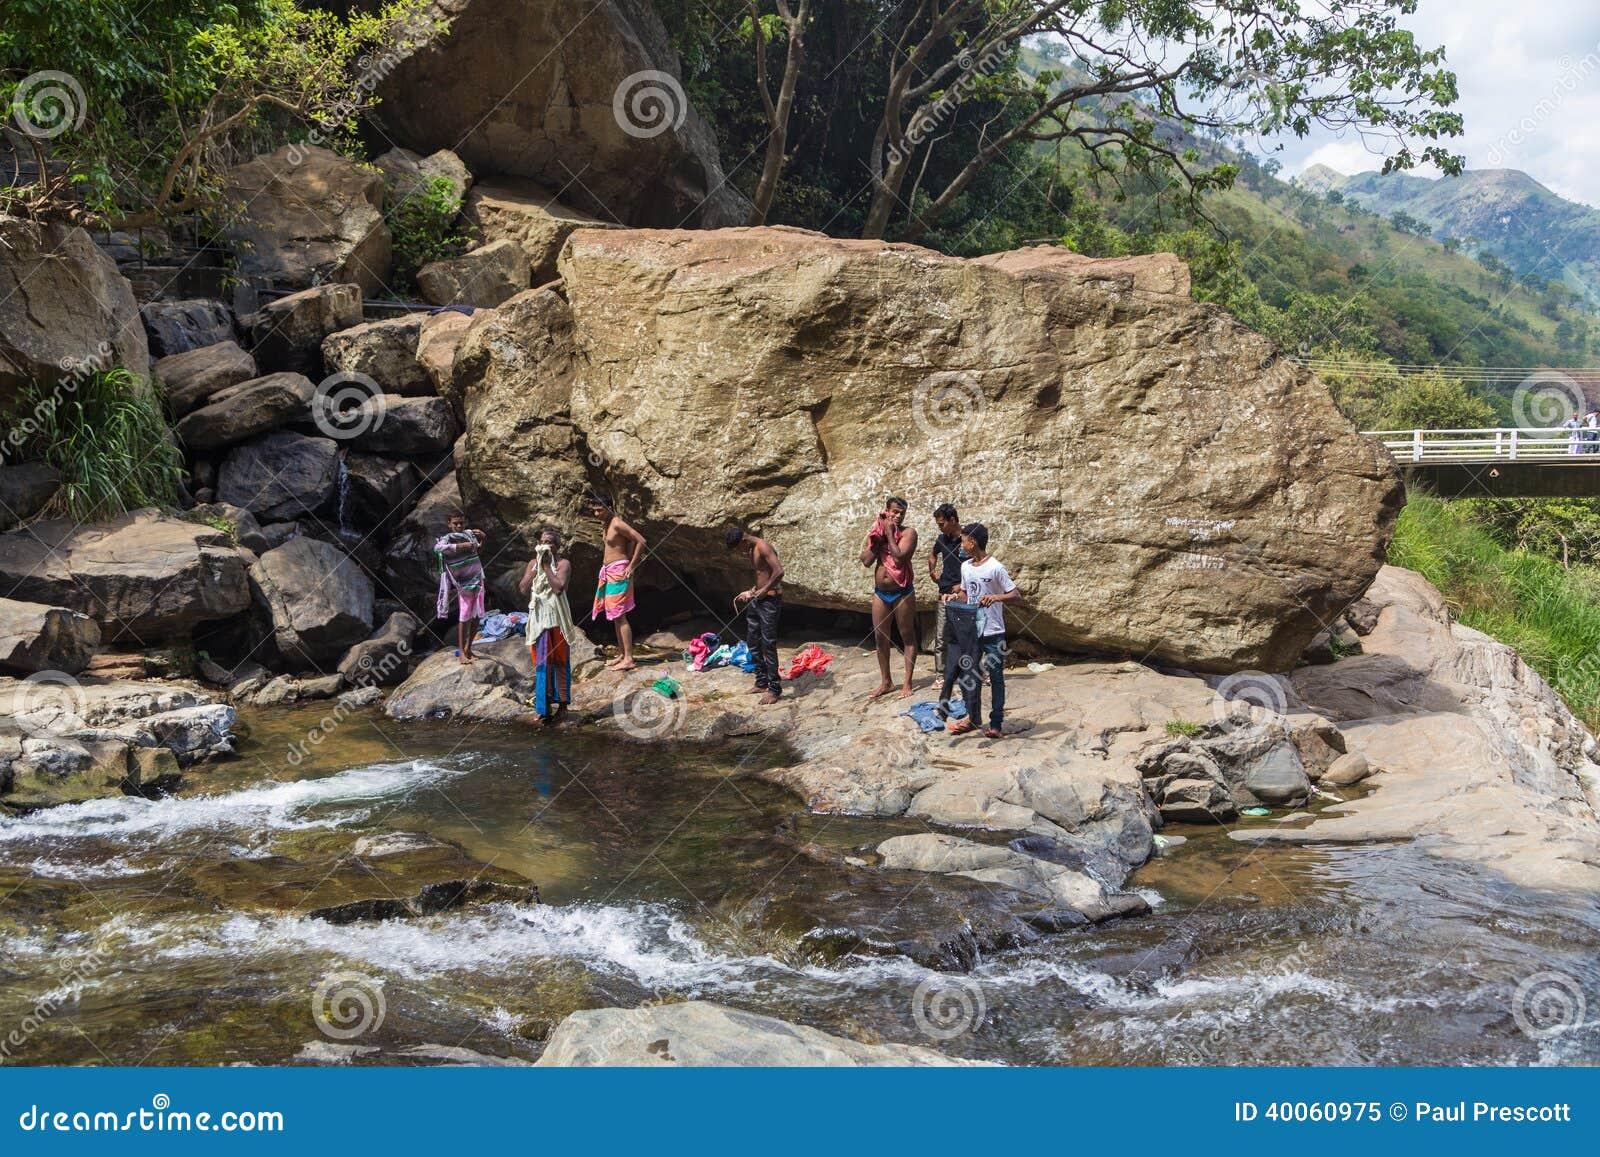 Local men having fun at Ravana falls